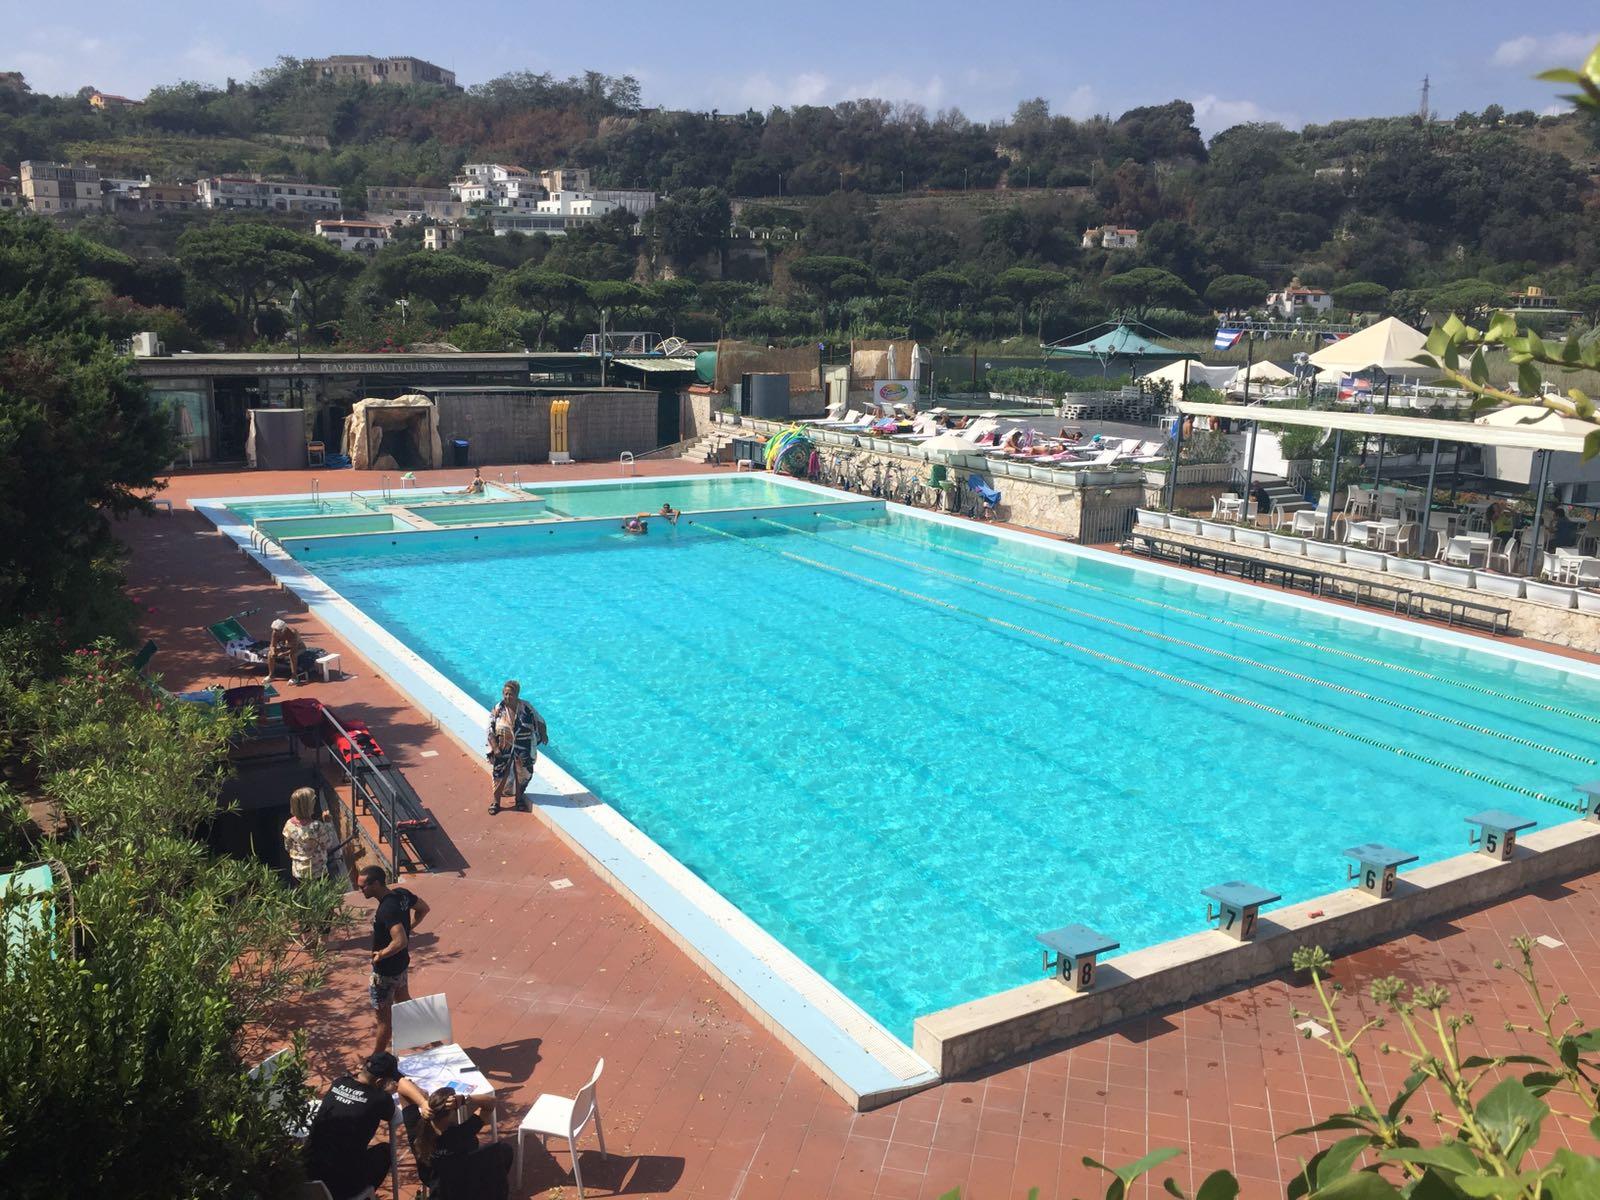 Il Villaggio Benessere Play Off Wellness Village a Pozzuoli, in provincia di Napoli, è il luogo ideale dove dedicarsi all'attività fisica e agli sport d'acqua e prendersi cura di corpo e mente.